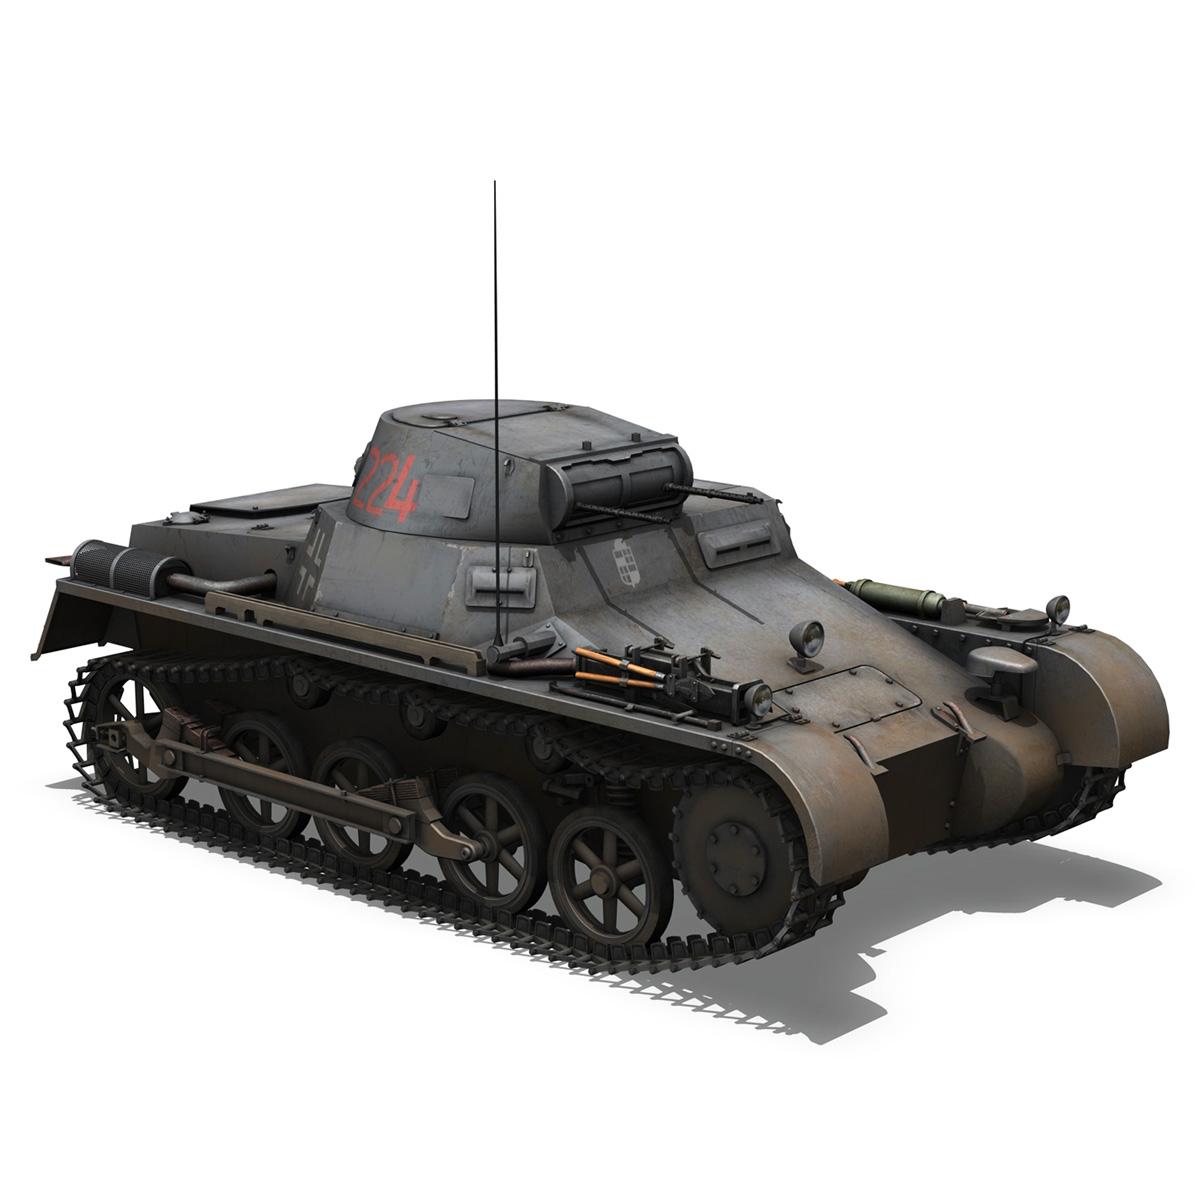 pzkpfw 1 - panzer 1 - ausf. a - Model 224 3d 3ds fbx c4d lwo obj 195079